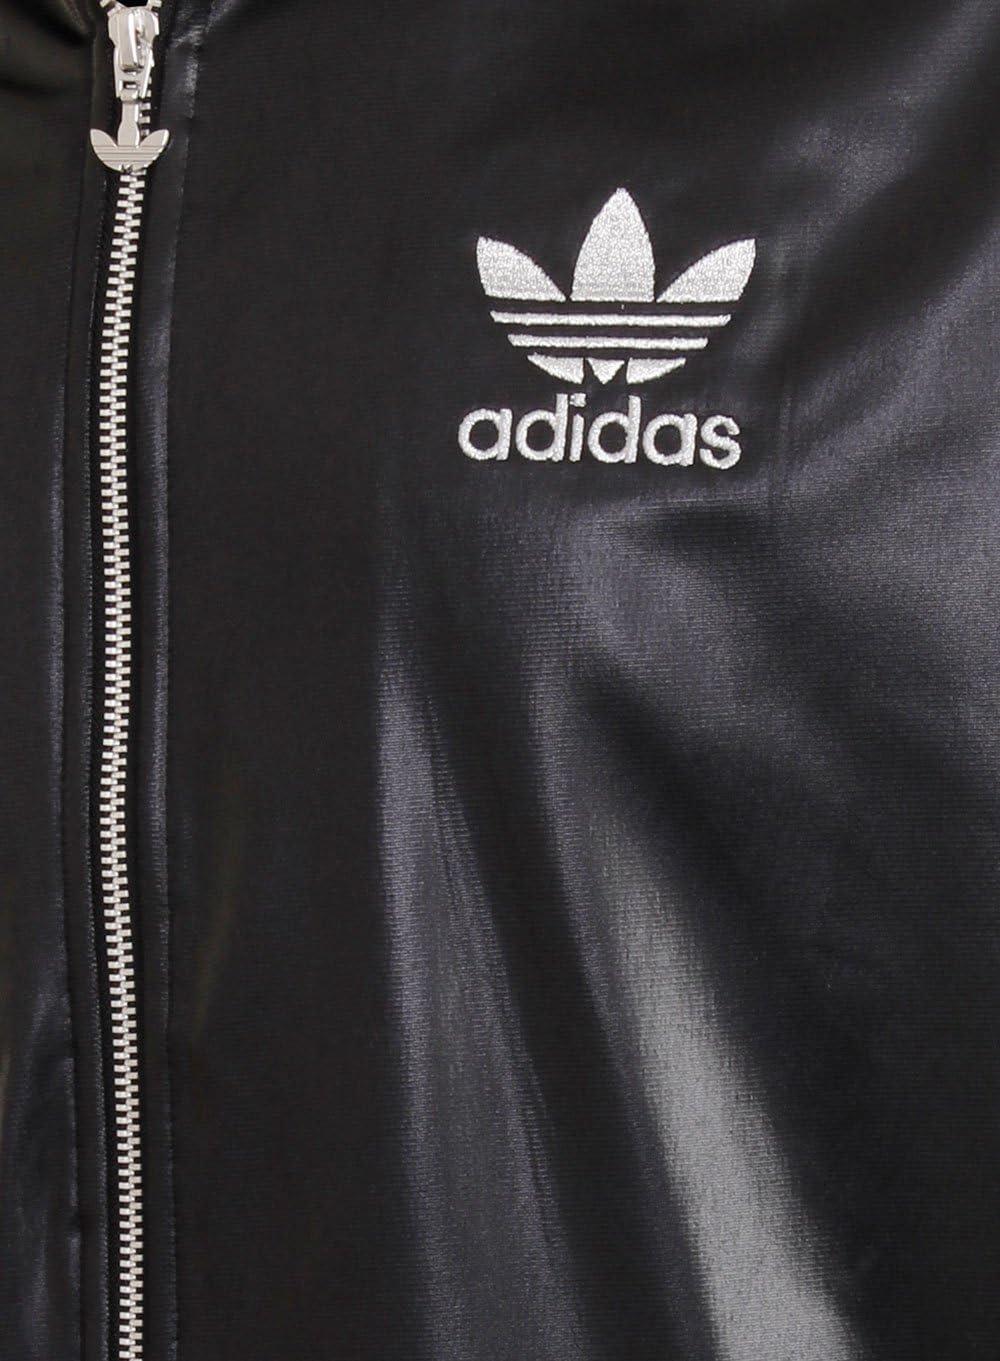 Adidas Originals Chile 62 - Chaqueta para hombre negro negro Talla:small: Amazon.es: Deportes y aire libre